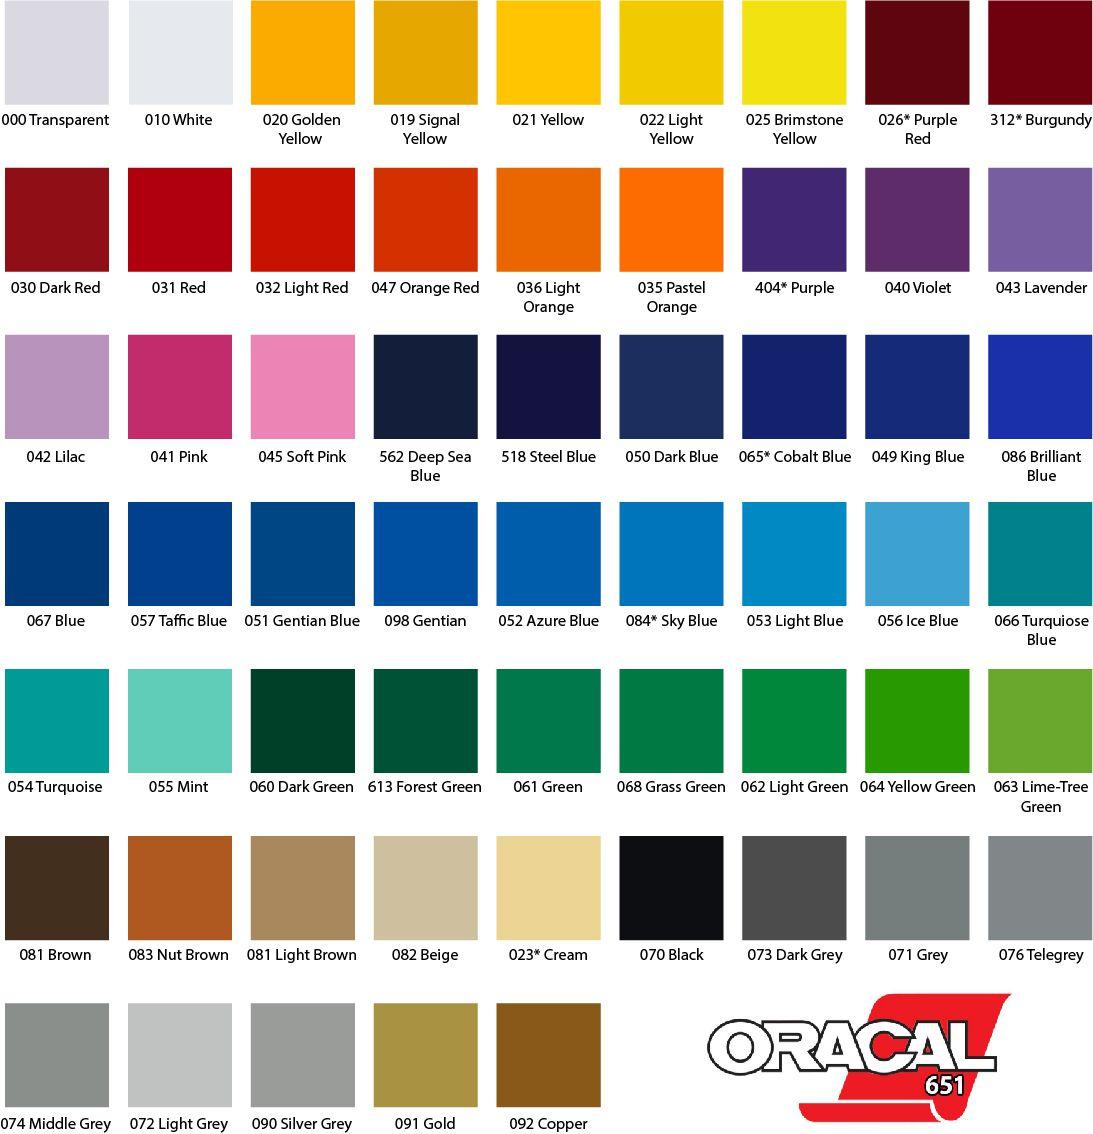 Adesivo Oracal 651 073 Dark Grey 1,26m x 1,00m